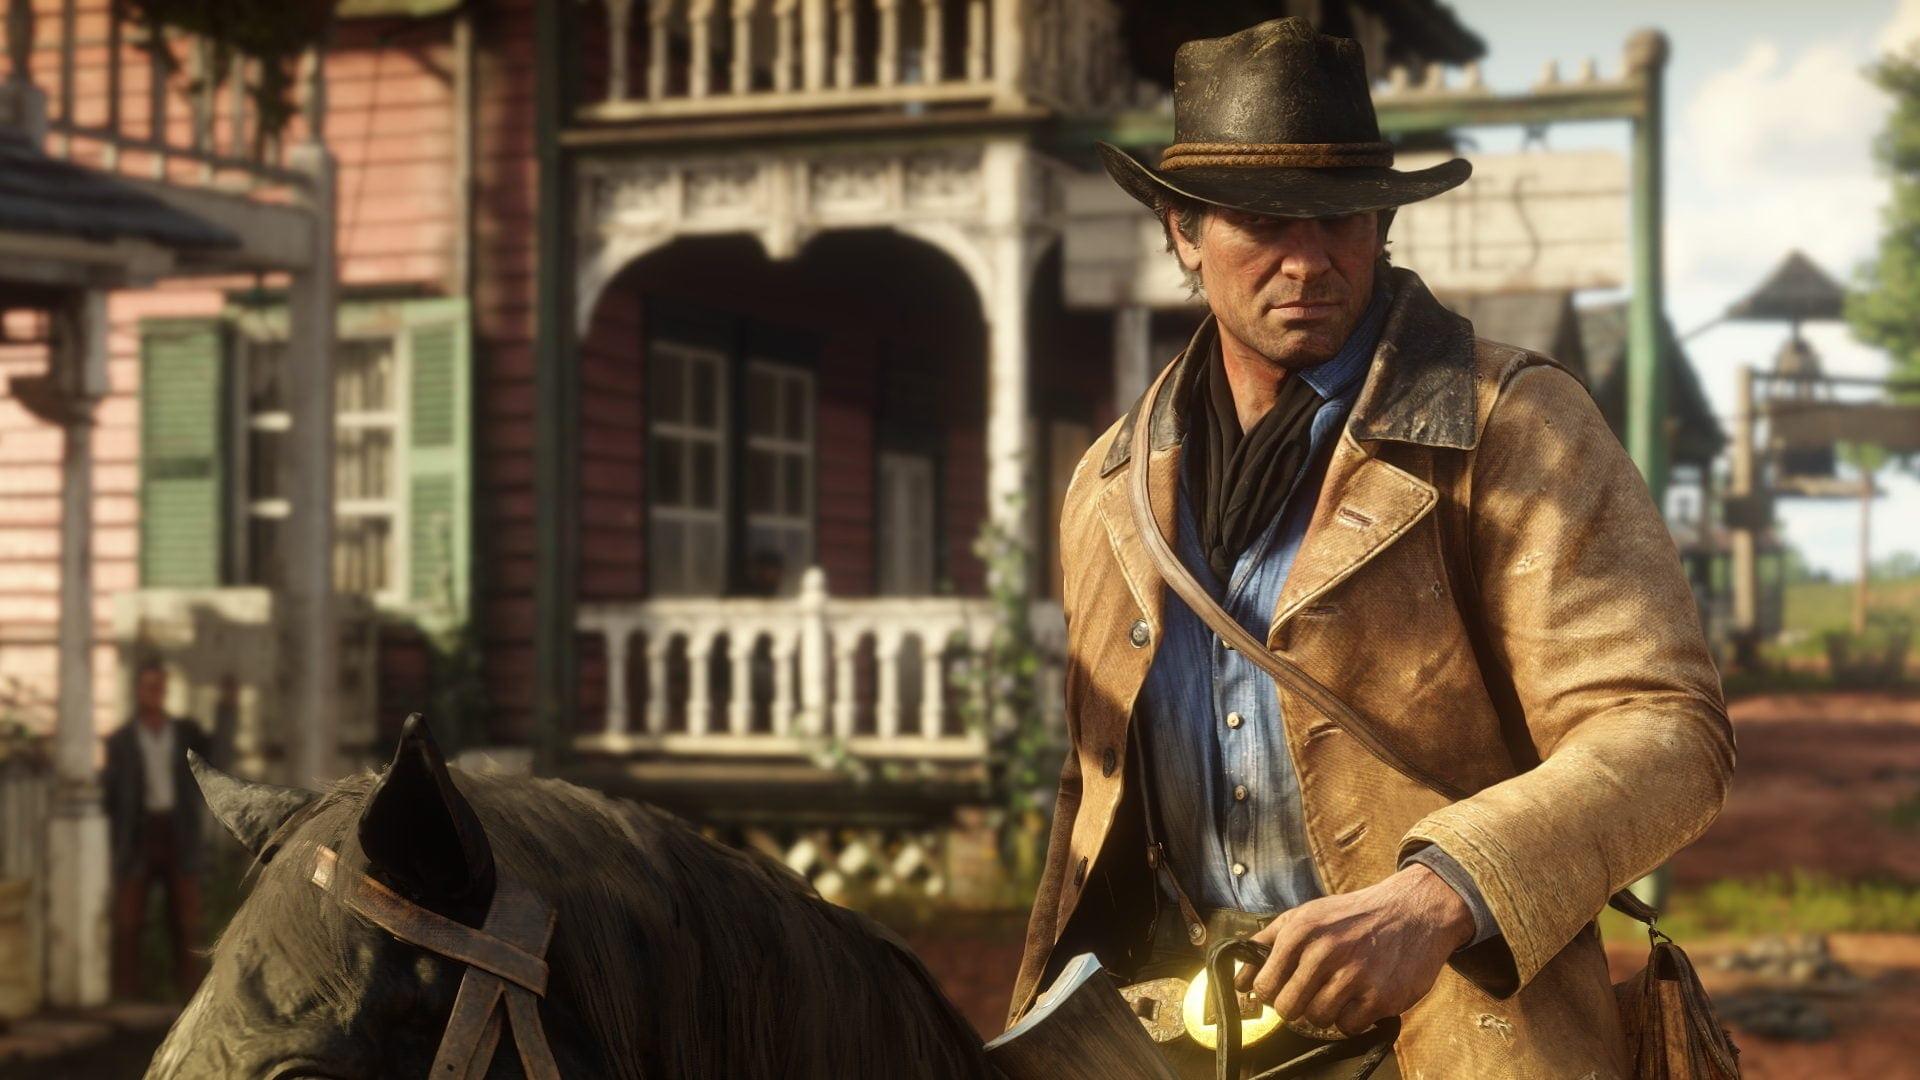 Системные требования Red Dead Redemption 2 оказались крайне демократичными